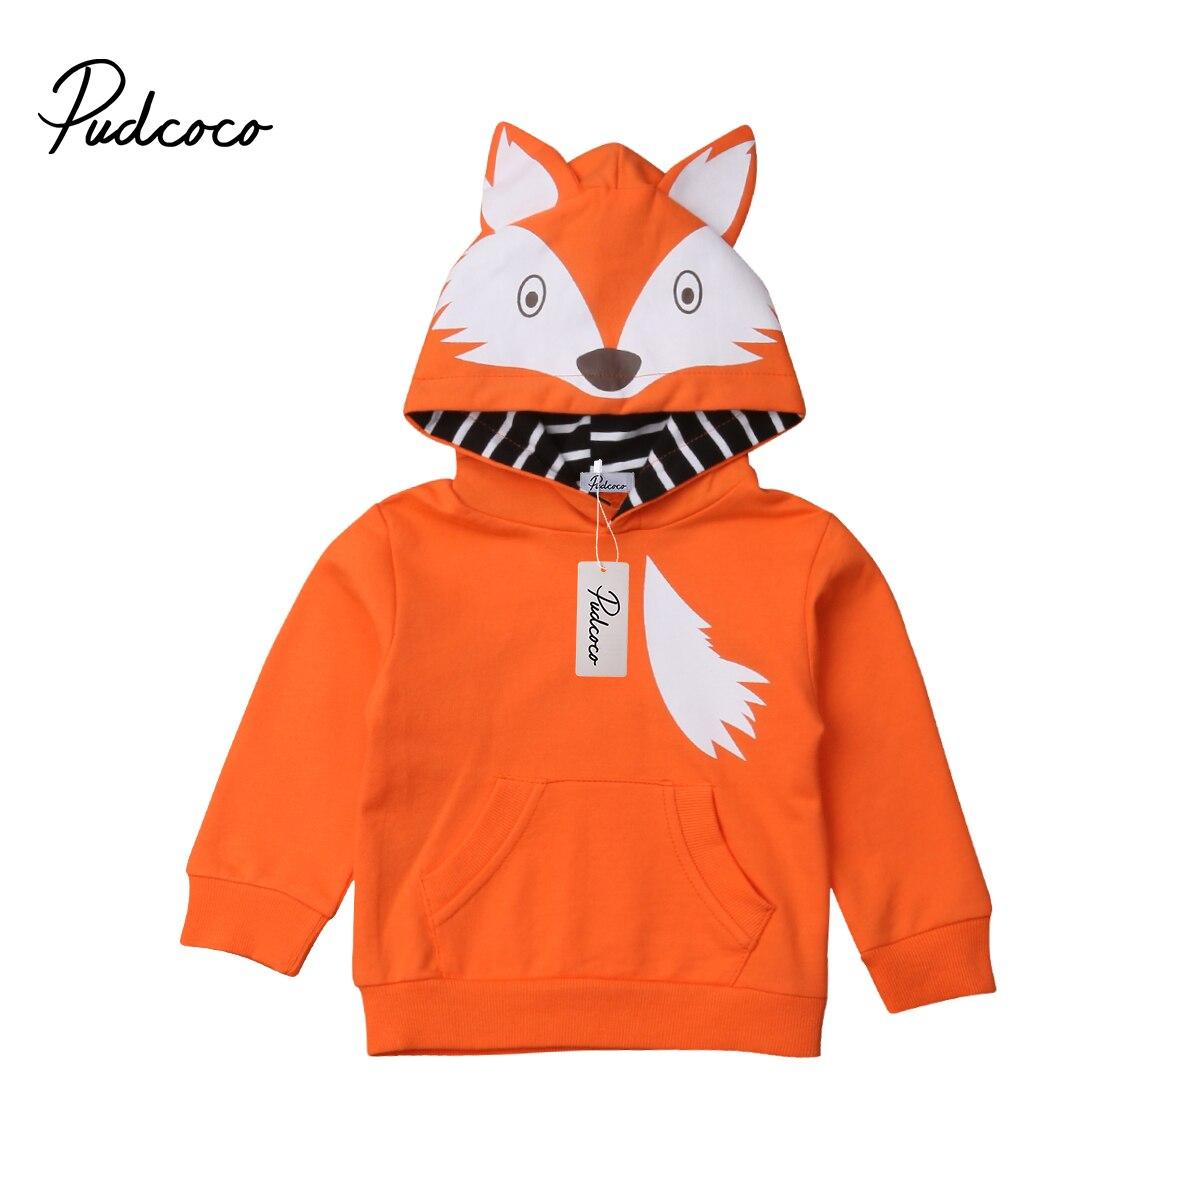 ecd30883e BibiCola verano bebé niños trajes de ropa estilo Caballero conjuntos de ropa  para niños T-